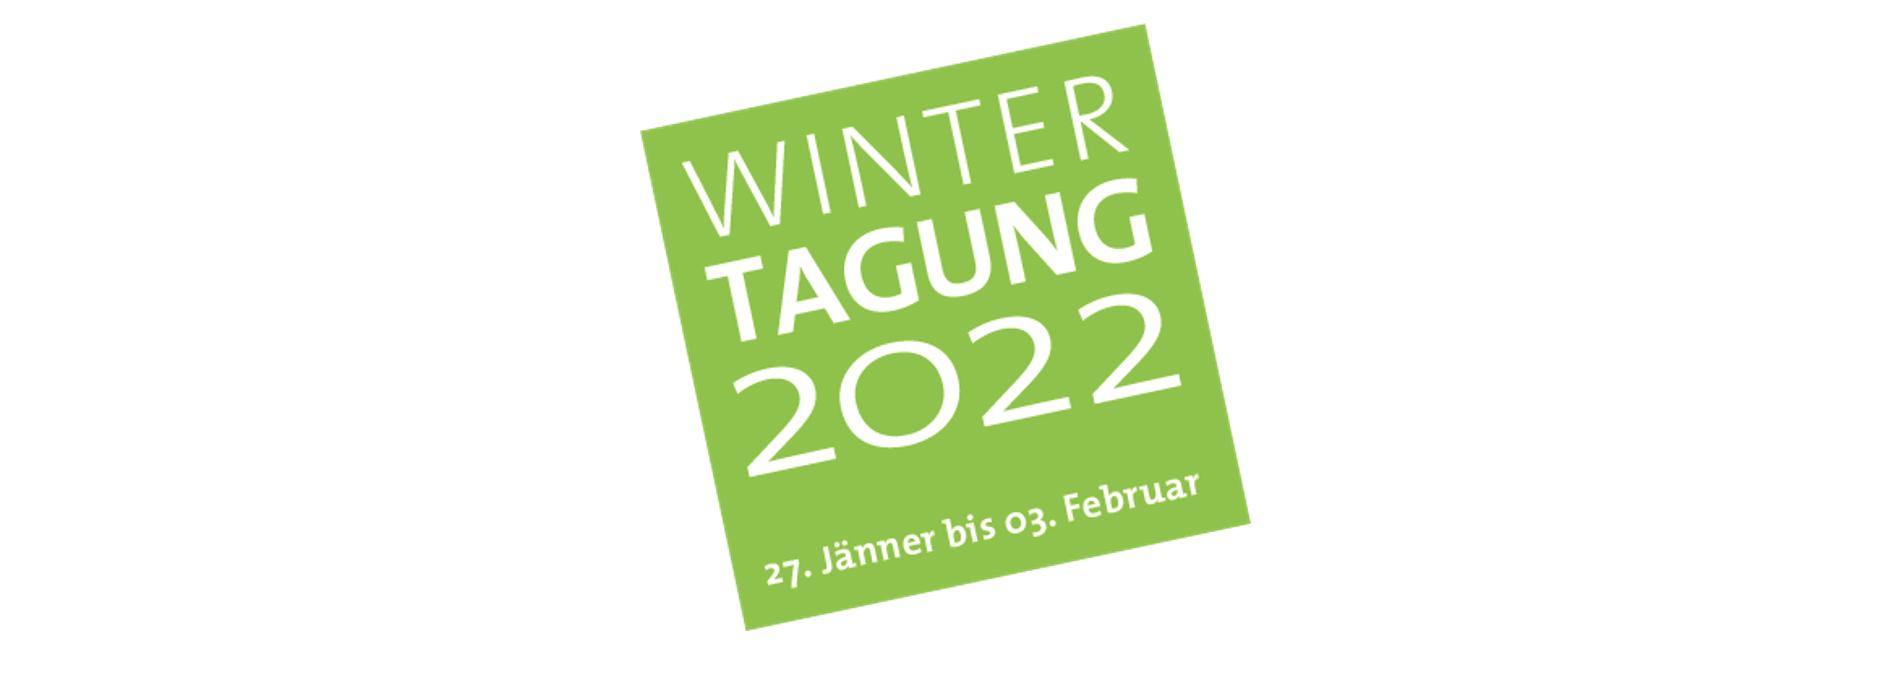 Termin für Wintertagung 2022 vormerken